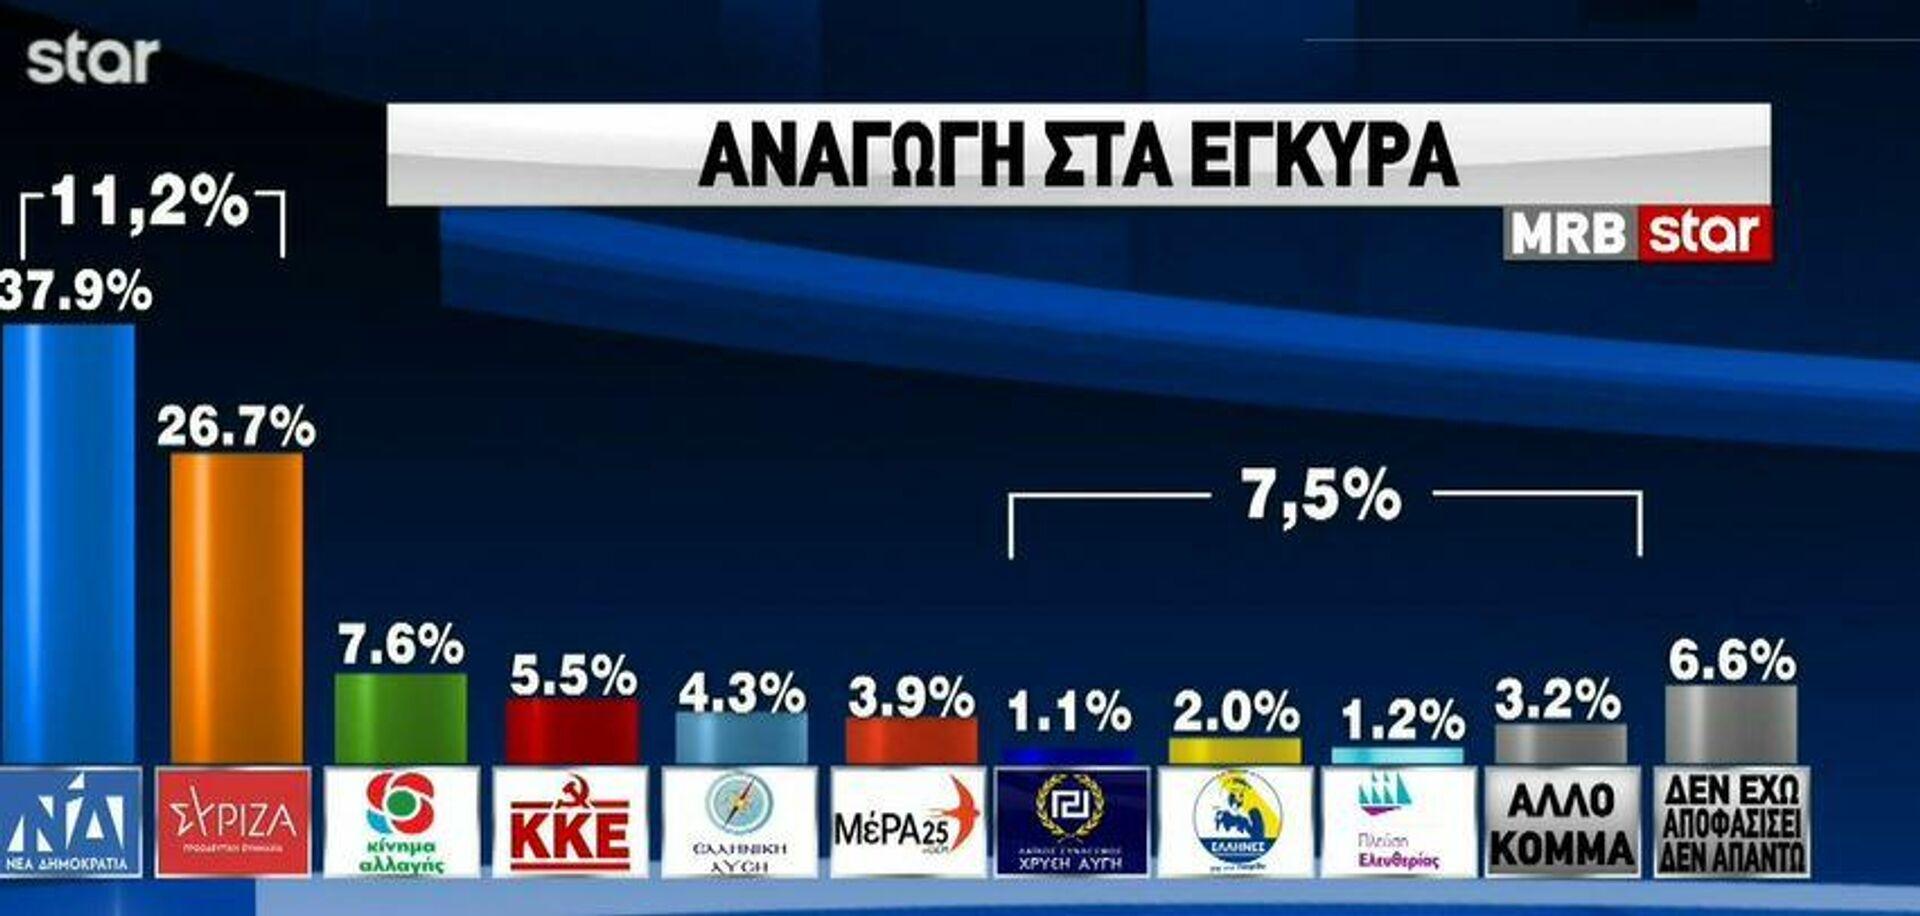 Πρόθεση ψήφου της δημοσκόπησης του Star με αναγωγή στα έγκυρα - Sputnik Ελλάδα, 1920, 22.09.2021